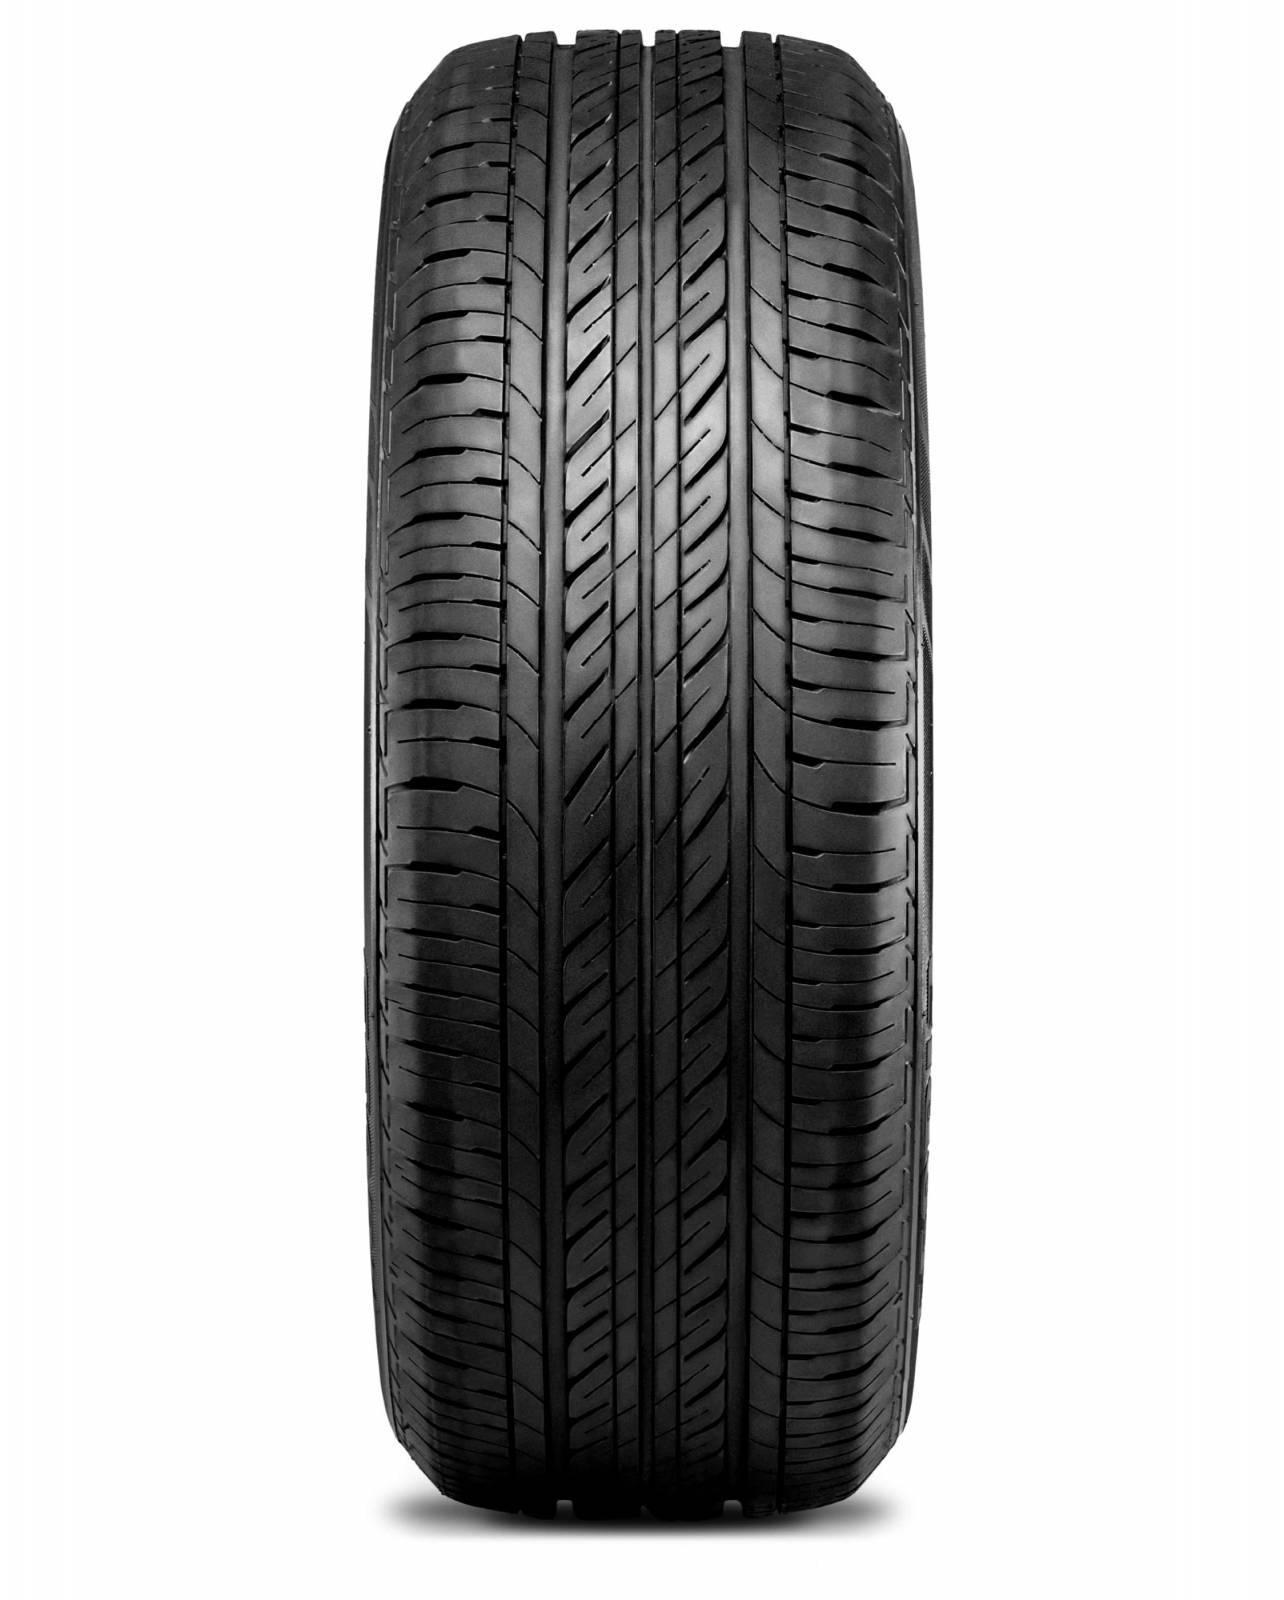 Pneu Bridgestone Ecopia EP150 195/60 R15 88V - Cantele Centro Automotivo